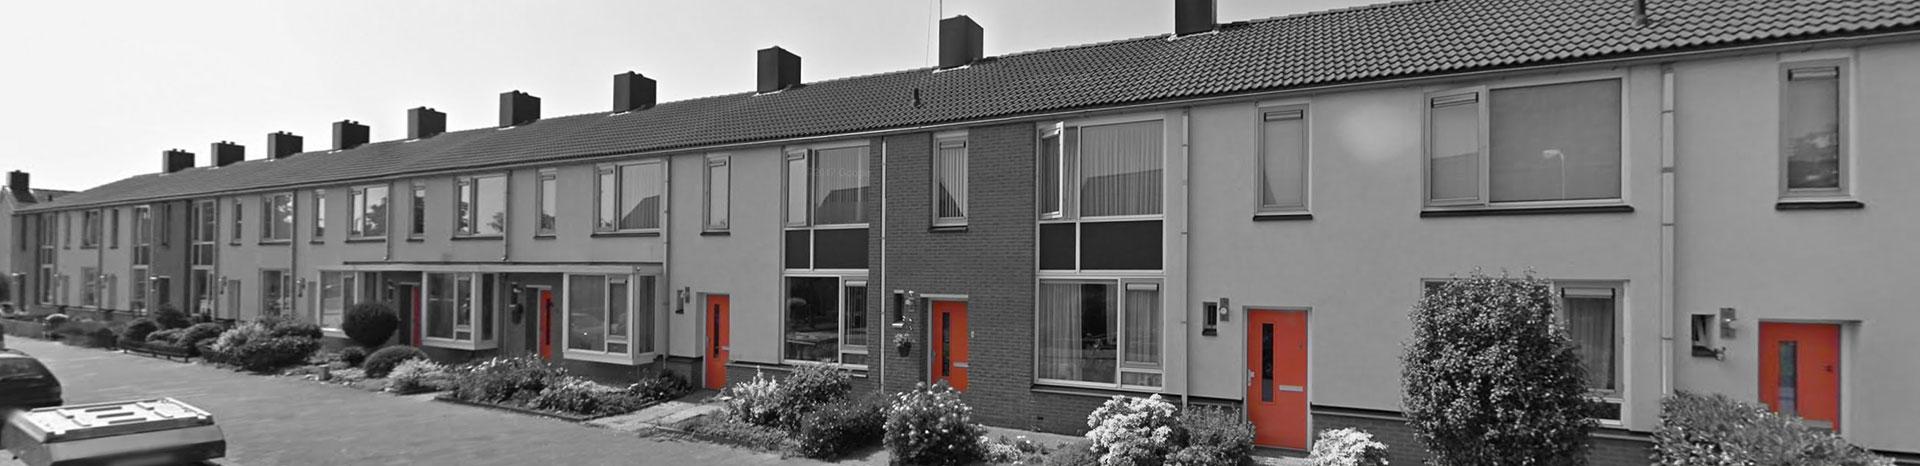 Letselschade advocaat Hoogeveen | LetselPro